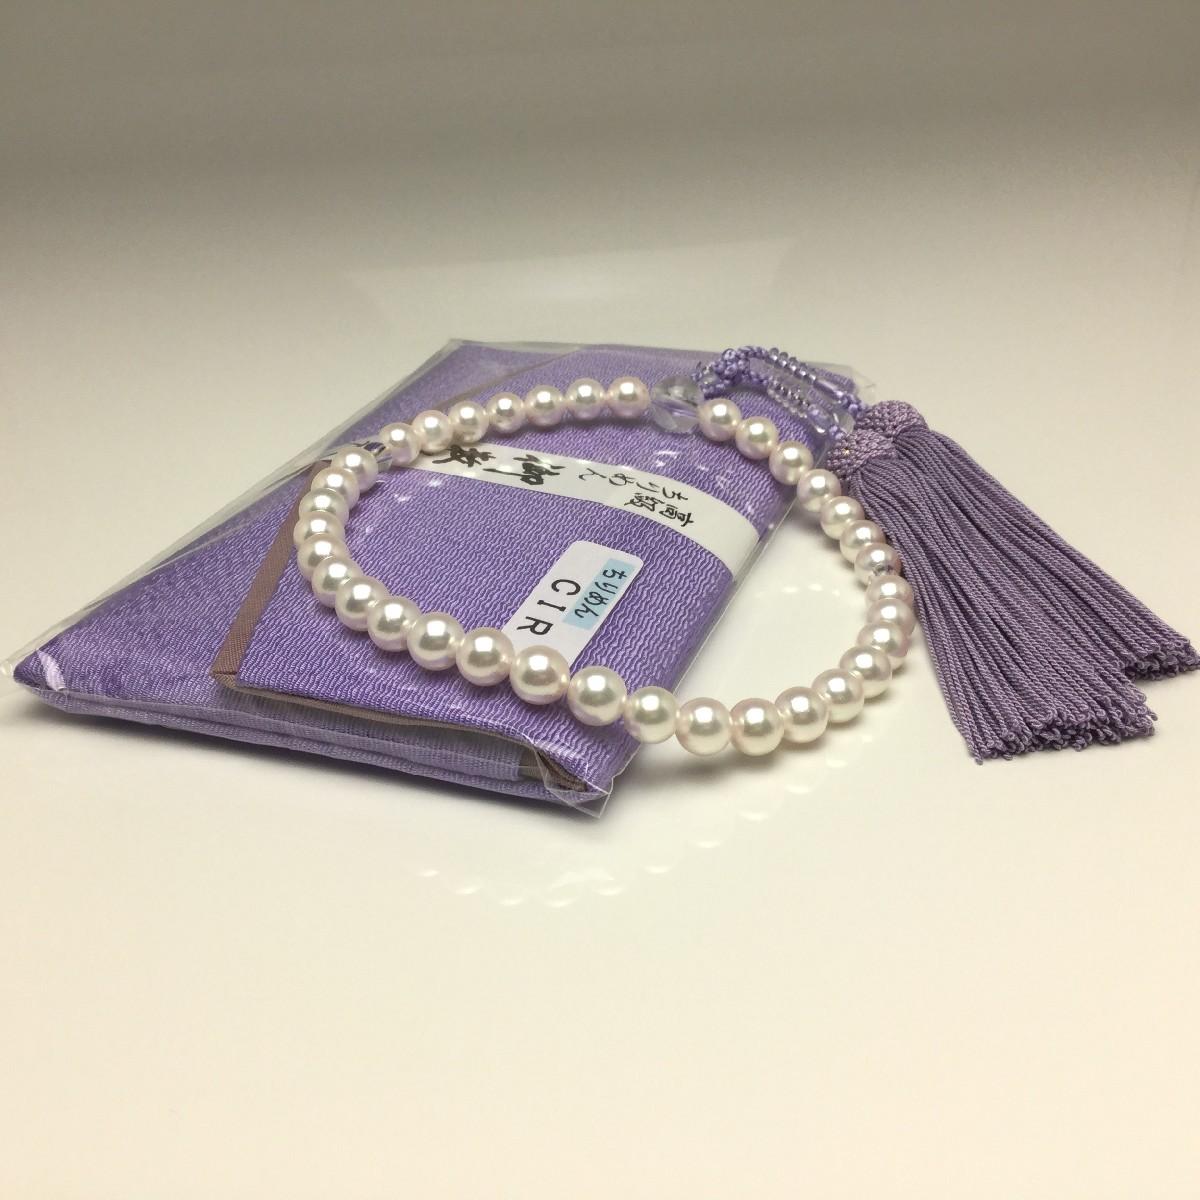 真珠 念珠(数珠) パール アコヤ真珠 7.5-8.0mm ホワイト 正絹房 水晶(クォーツ) 65494 イソワパール